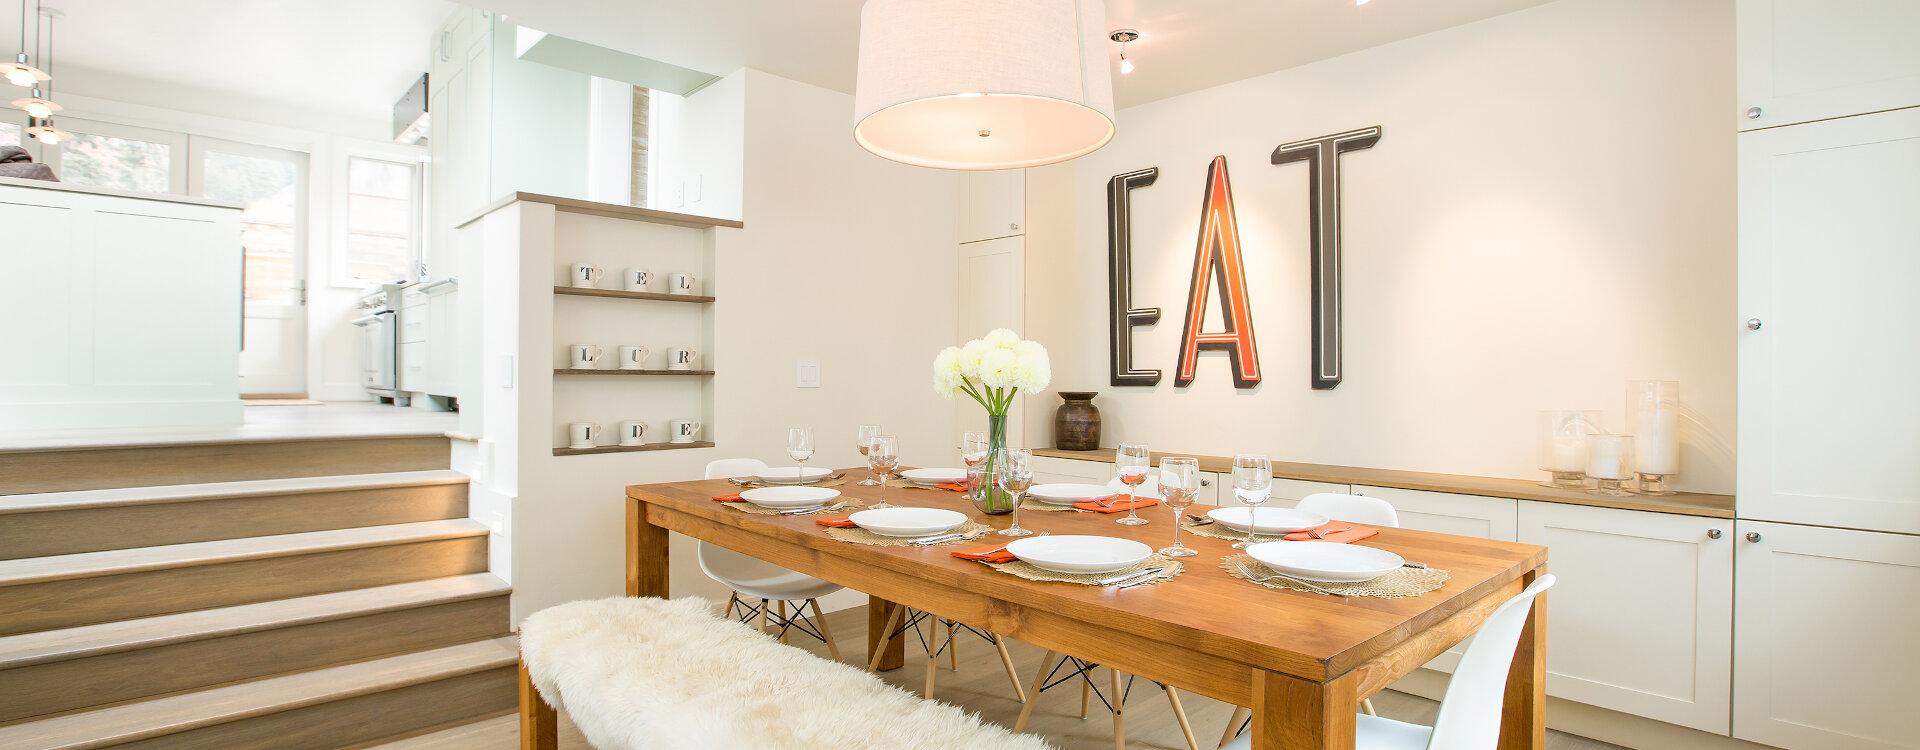 7-Telluride-Meribel-Penthouse-Dining-Room-Angle-web